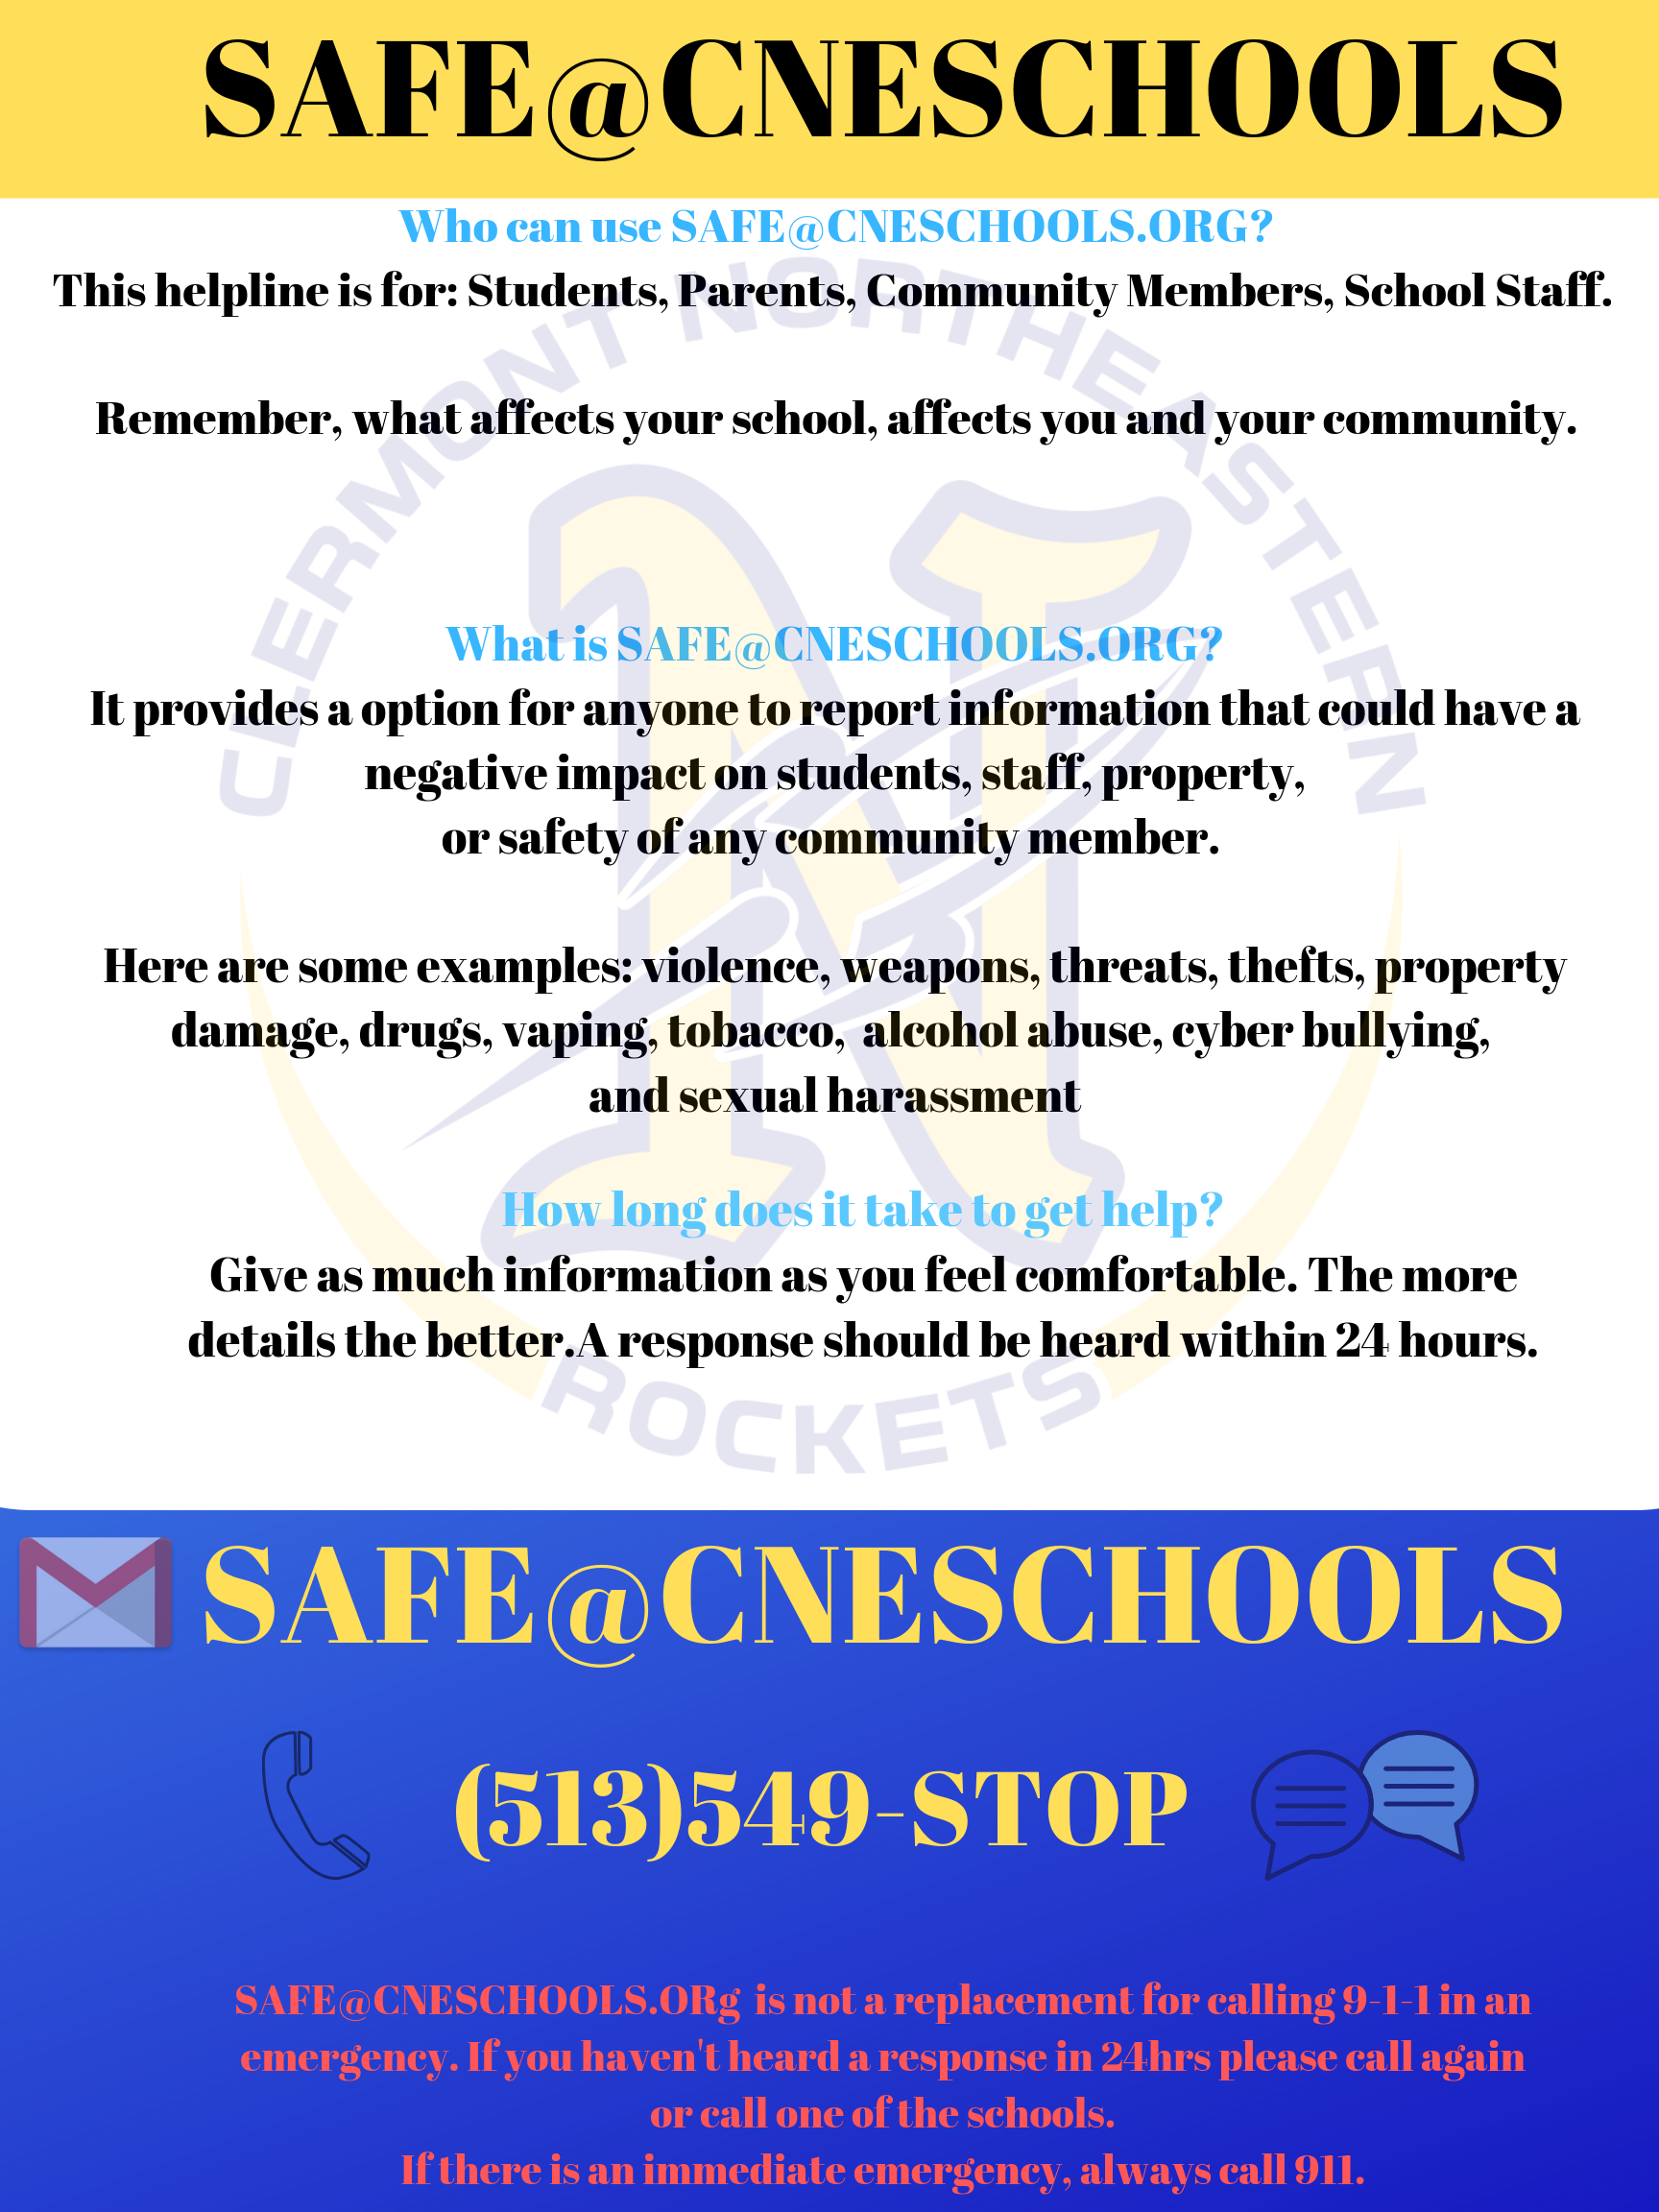 SAFE@CNESCHOOLS INFO